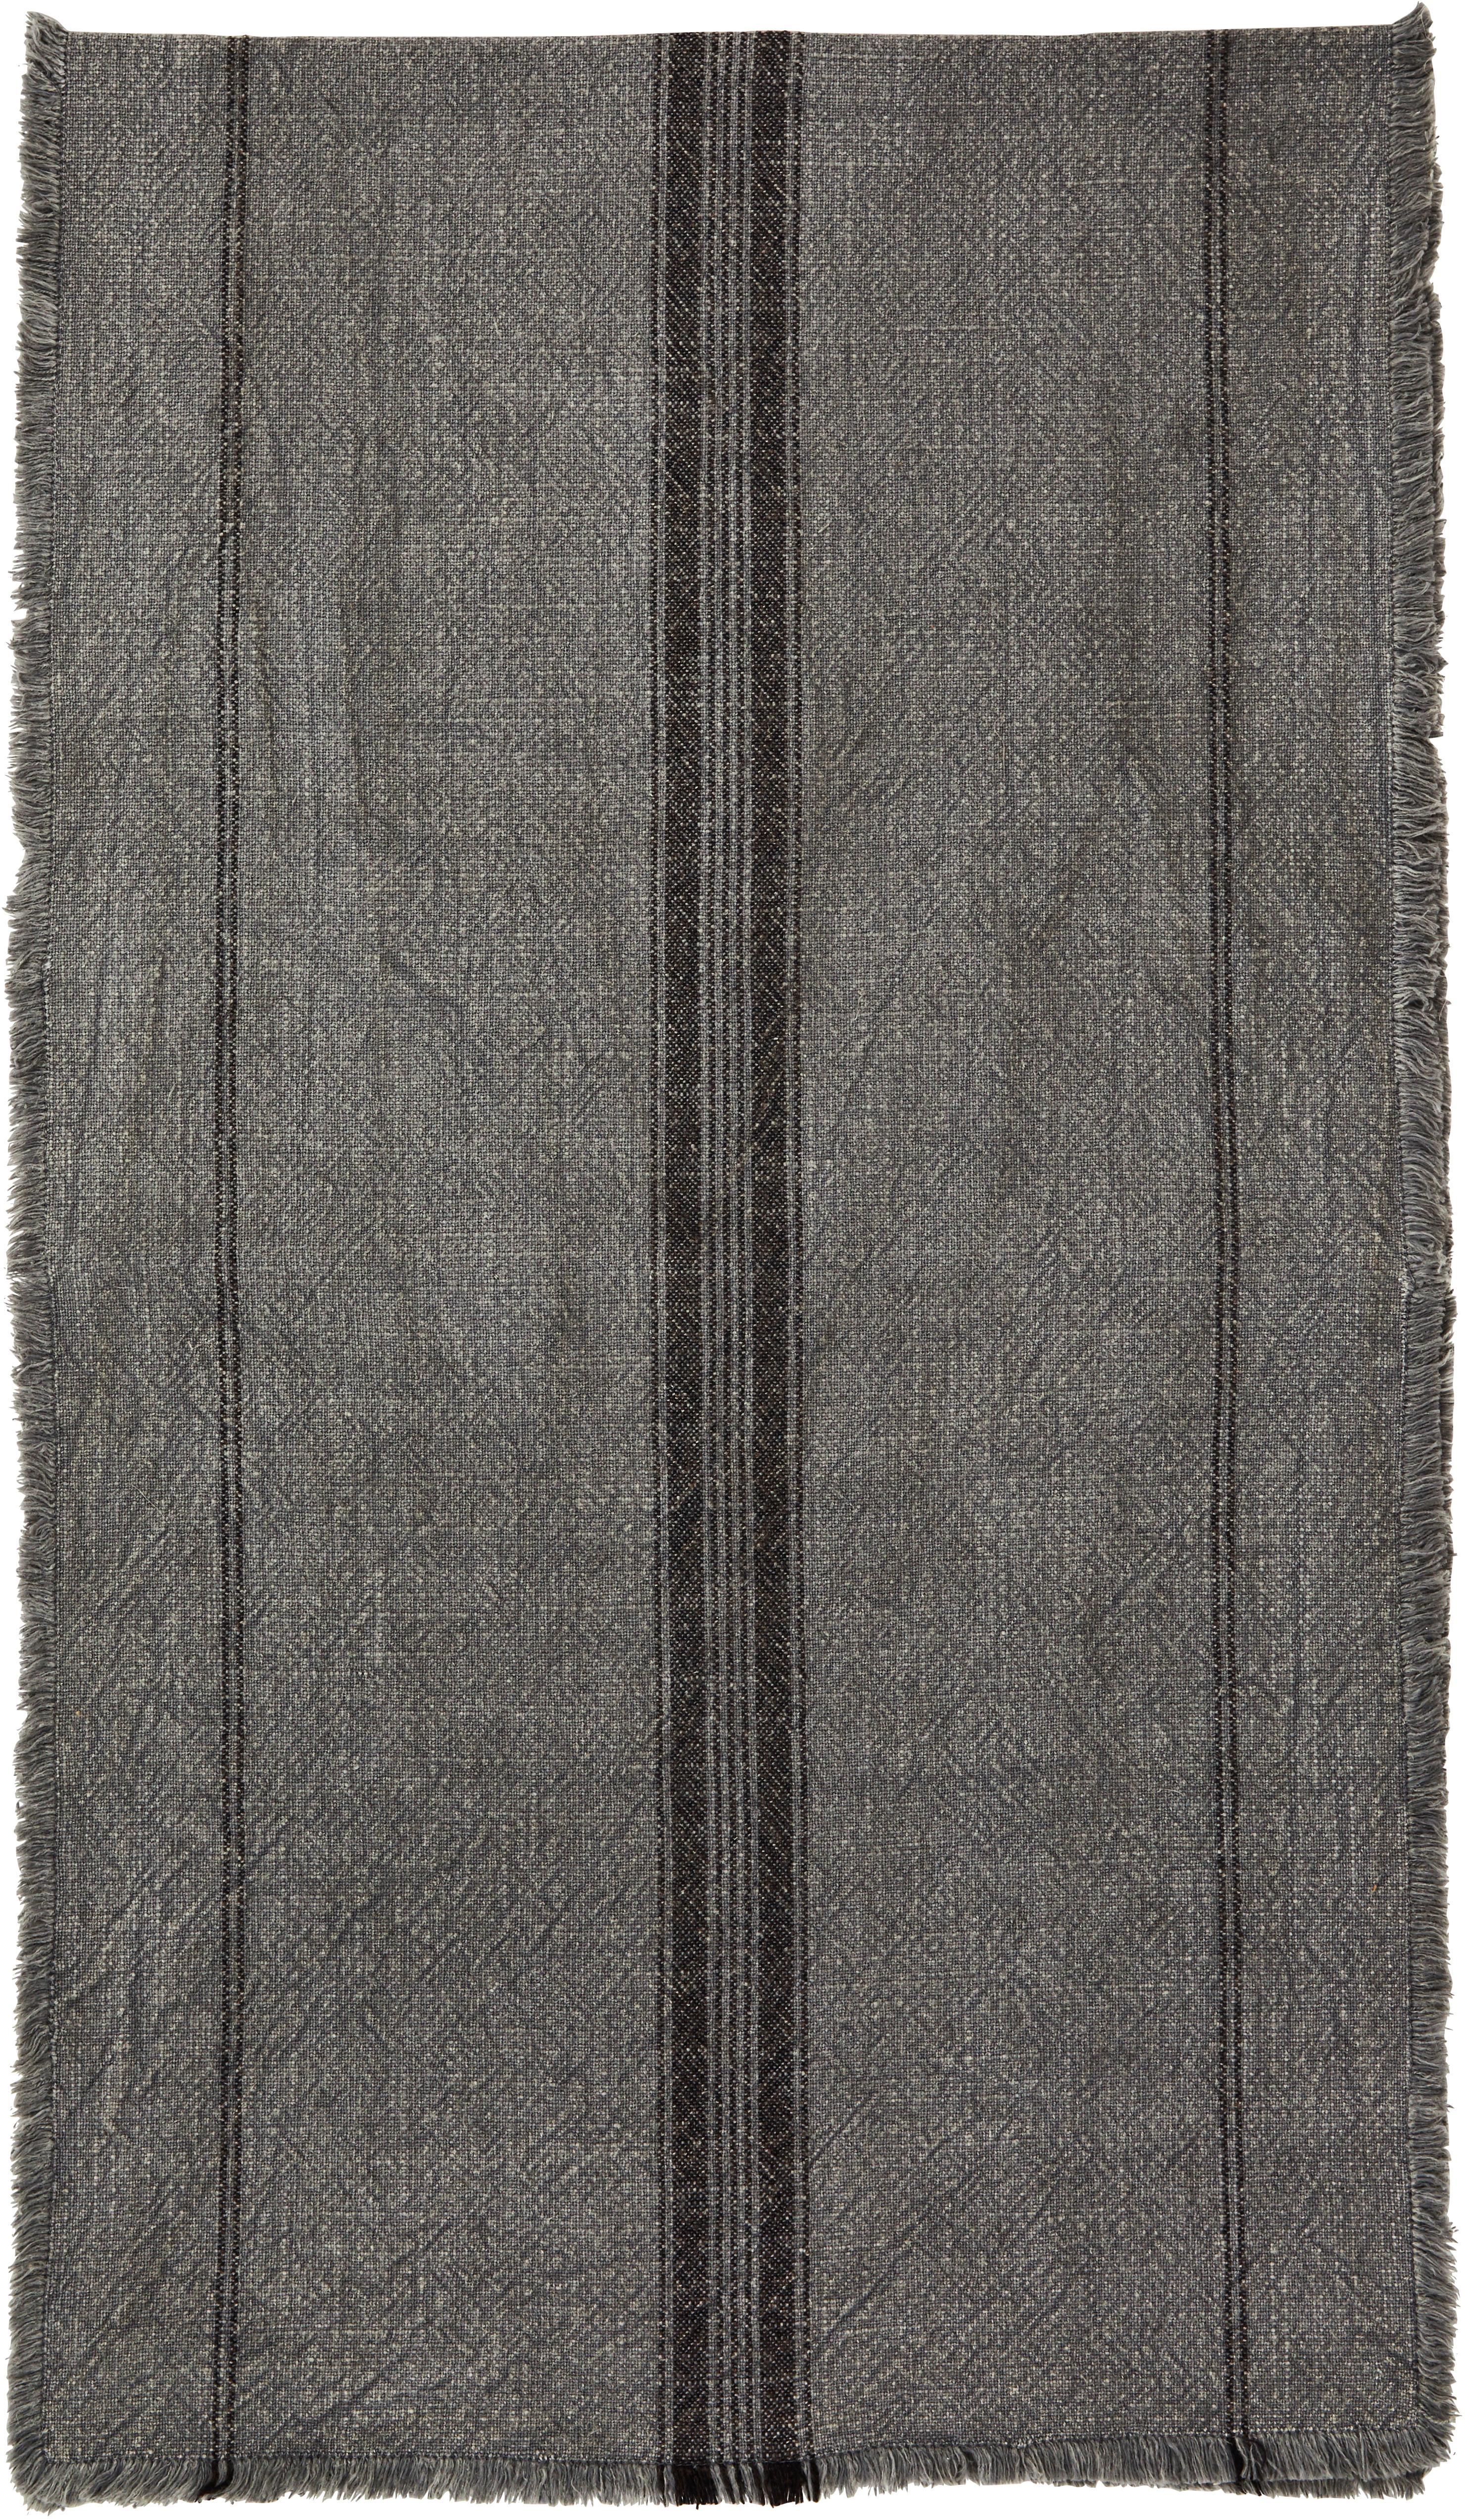 Bieżnik Ripo, 100% bawełna, Ciemny szary, melanżowy, czarny, S 40 x D 140 cm